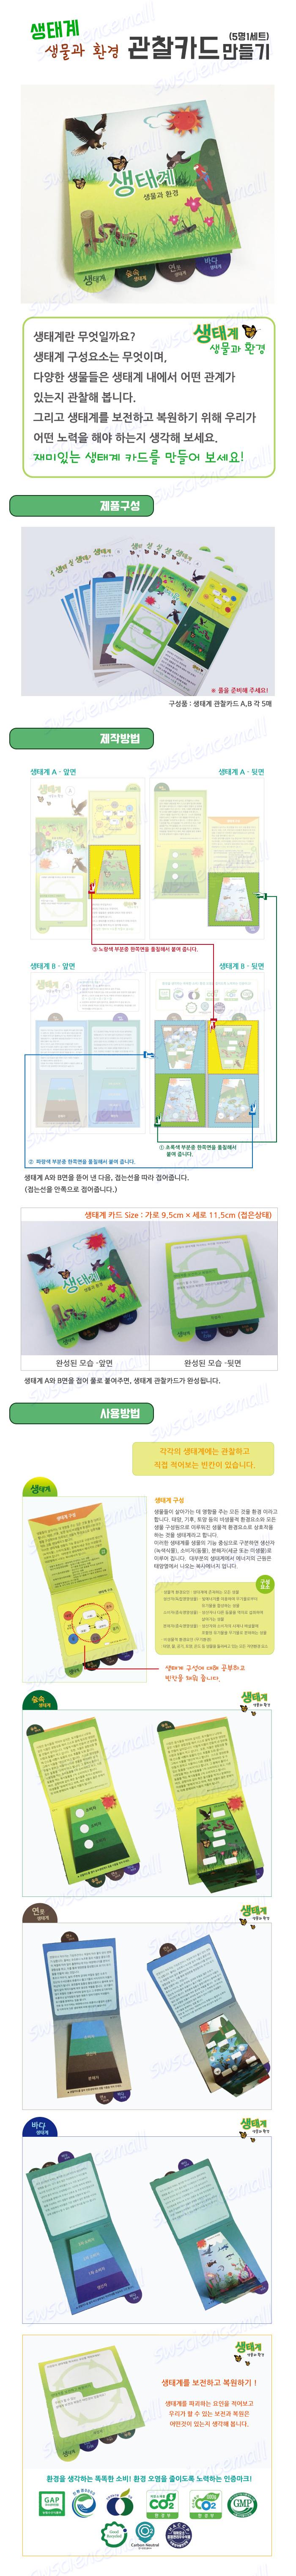 생태계 생물과환경 관찰카드 만들기(5명1세트).jpg